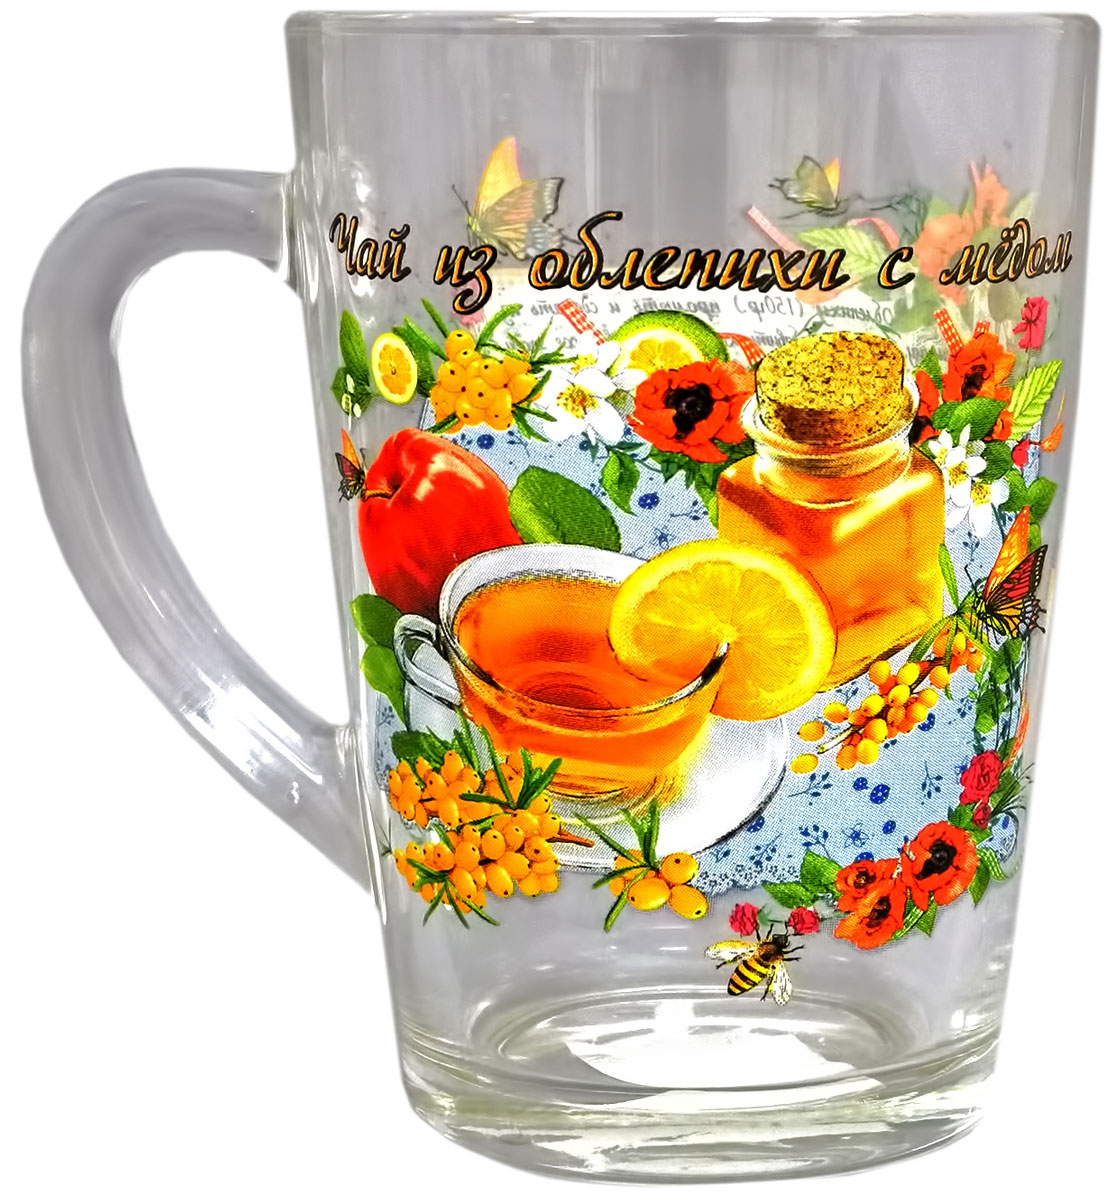 """Кружка """"Капучино. Чай из облепихи с медом"""" выполнена из стекла. Внешняя сторона оформлена оригинальным рисунком и надписью.Кружка сочетает в себе оригинальный дизайн и функциональность. Благодаря такой кружке пить напитки будет еще вкуснее."""